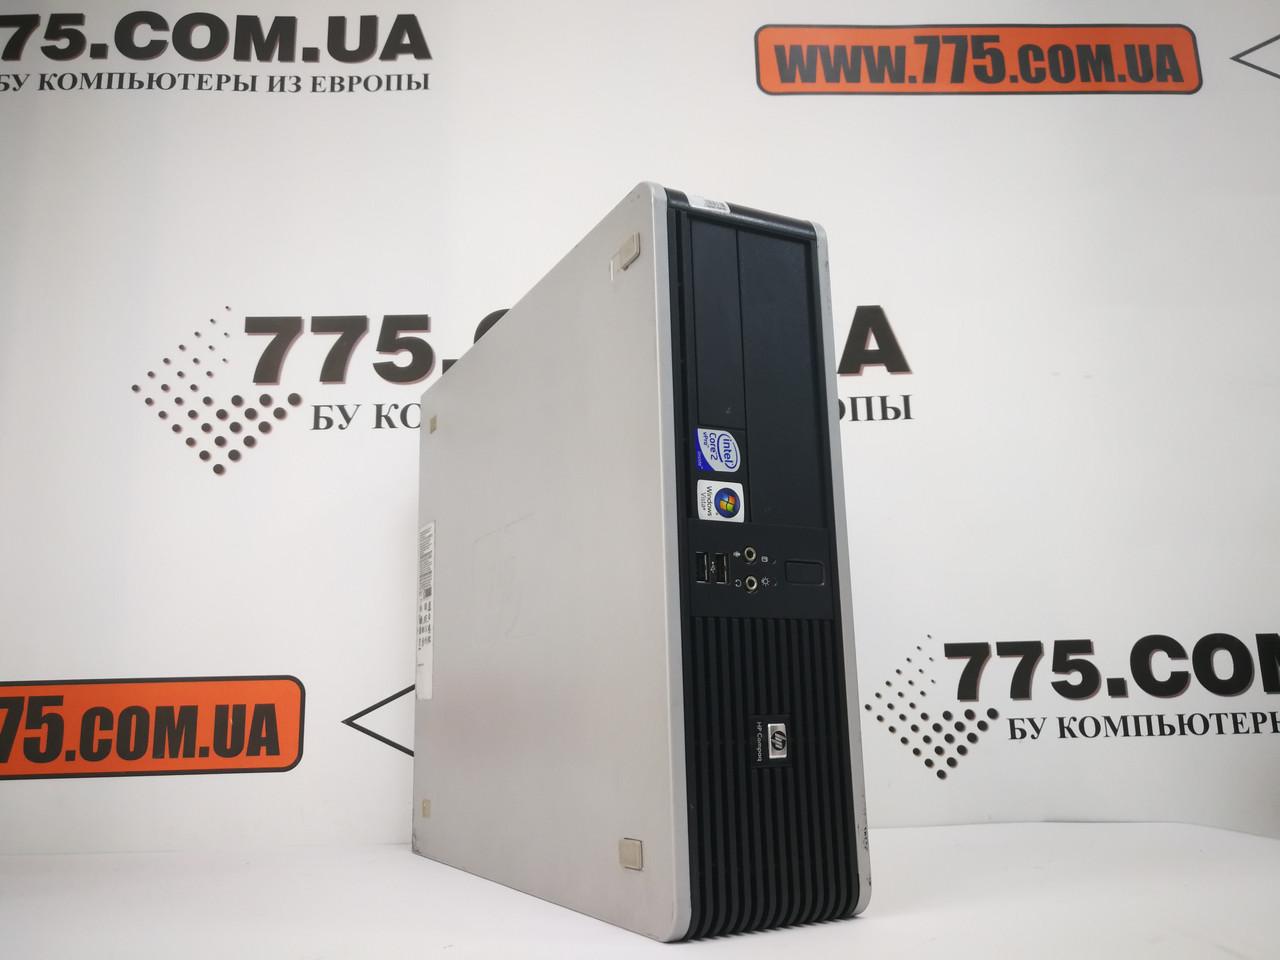 Компьютер HP 7900 - Fujitsu E7935, Intel Core2Duo E8500 3.16ГГц, ОЗУ 4ГБ, HDD 250ГБ